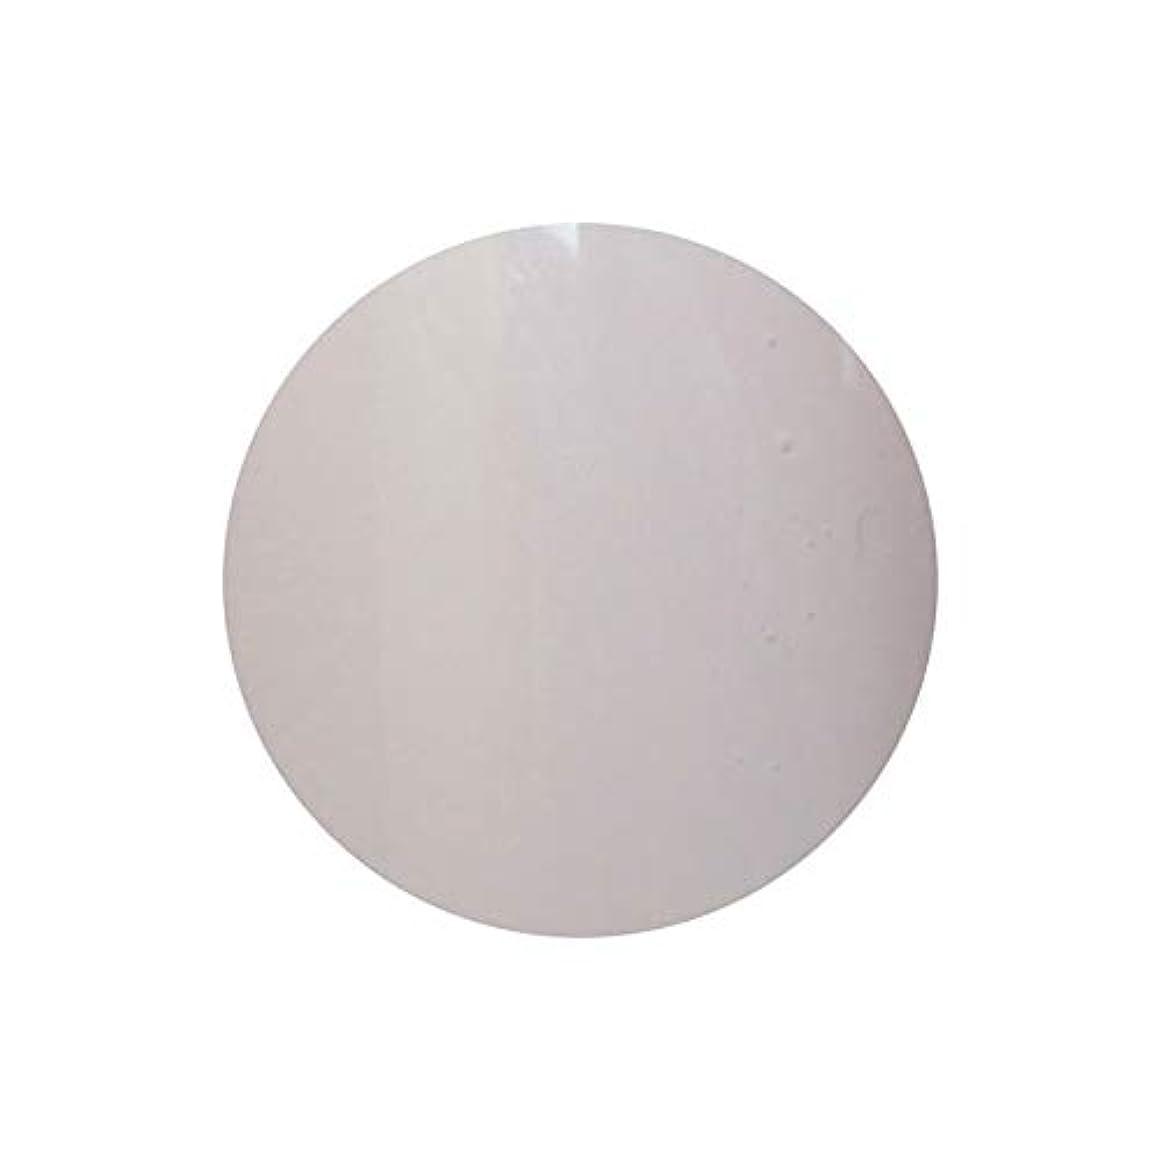 貸し手寄稿者プールNEW】T-GEL COLLECTION カラージェル D220 モカホワイト 4ml